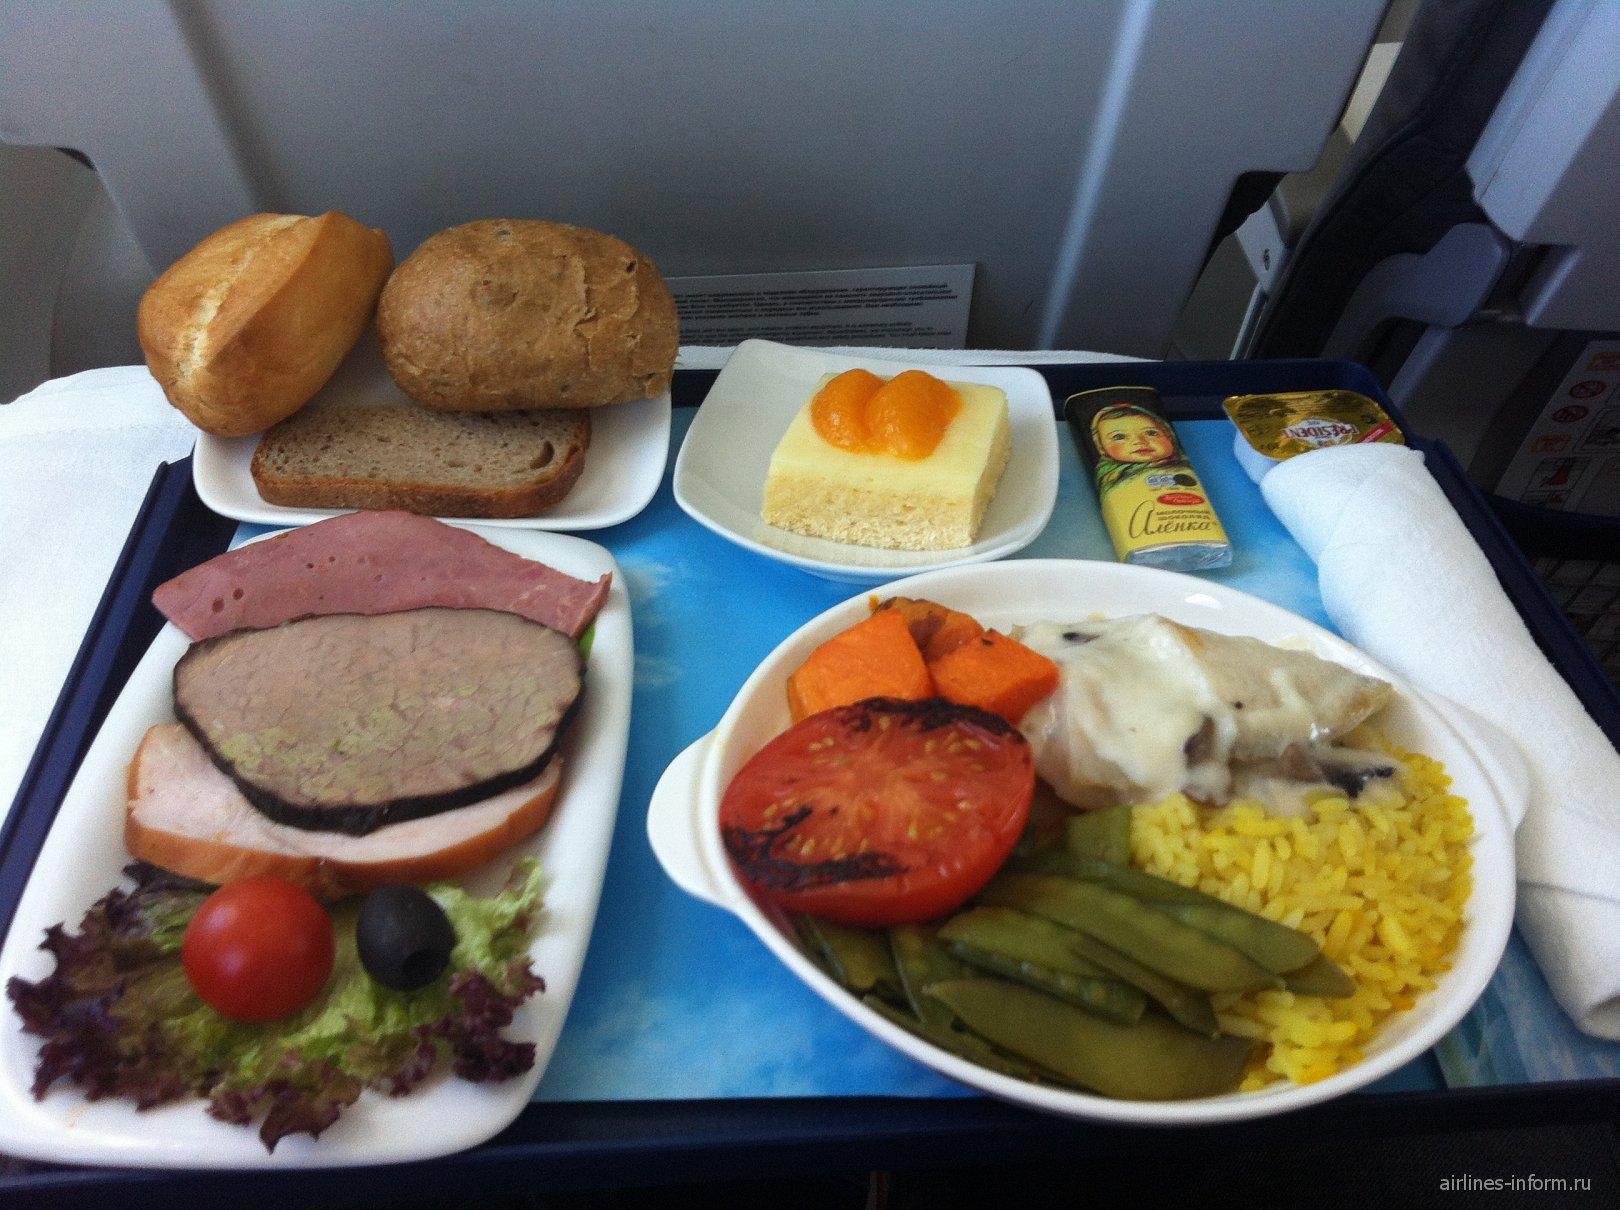 Питание в бизнес-классе на рейсе авиакомпании Донавиа Москва-Мин. Воды